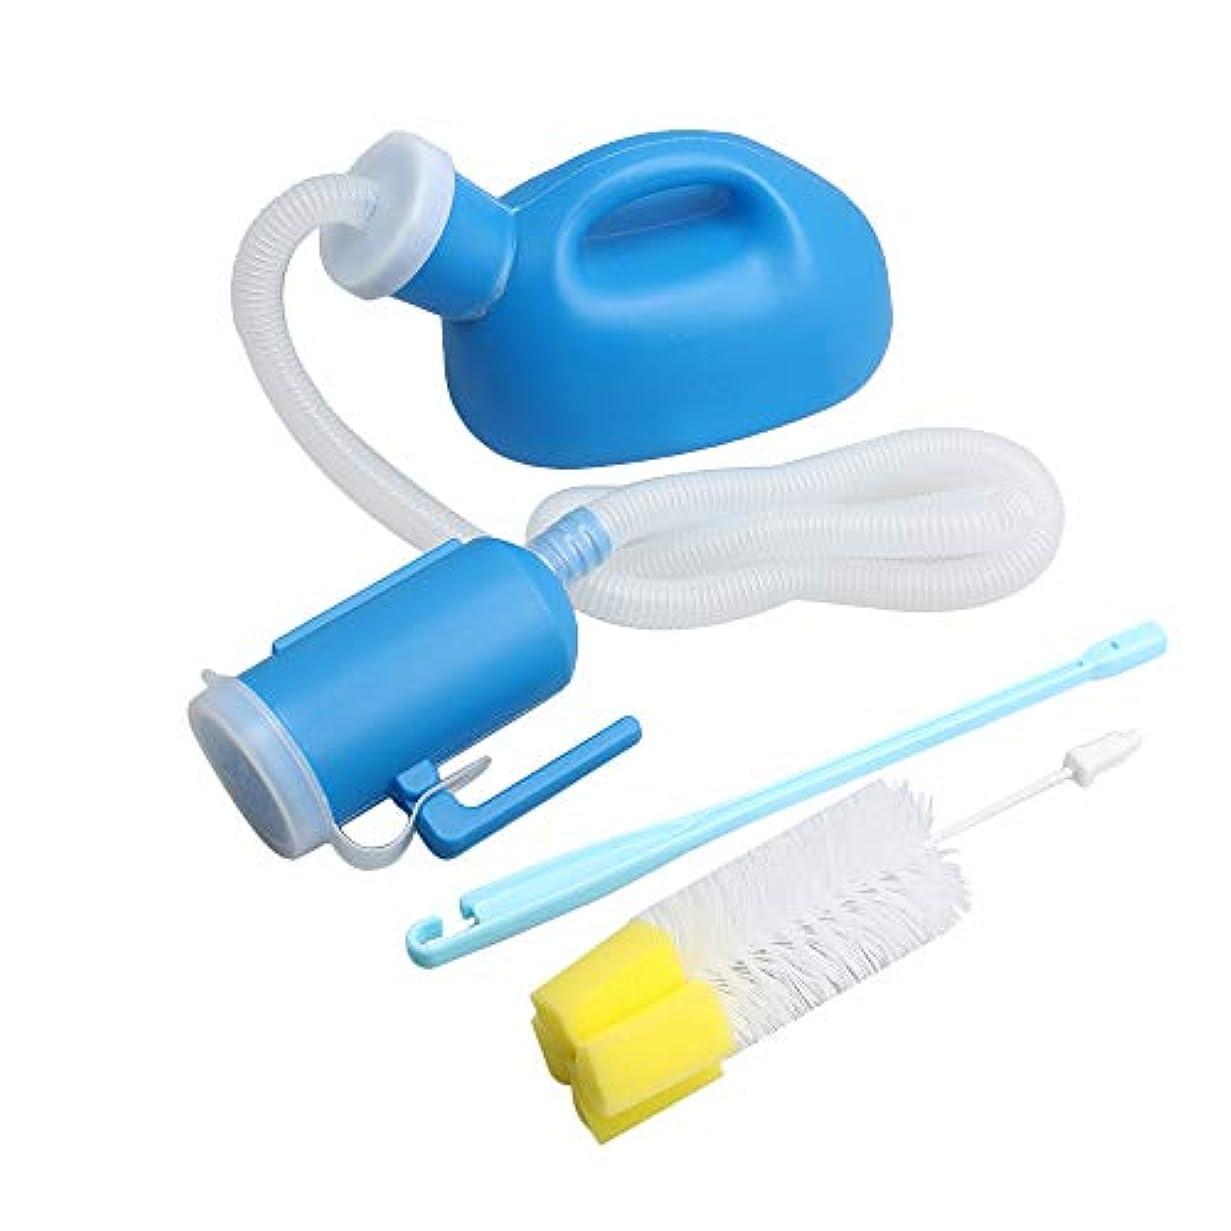 浮く休眠初期のKaityoffice 男性用尿瓶 クリーニングブラシ付き 排尿ボトル 洗い簡単 軽量 使いやすい プラスチック製 1000ml ブルー